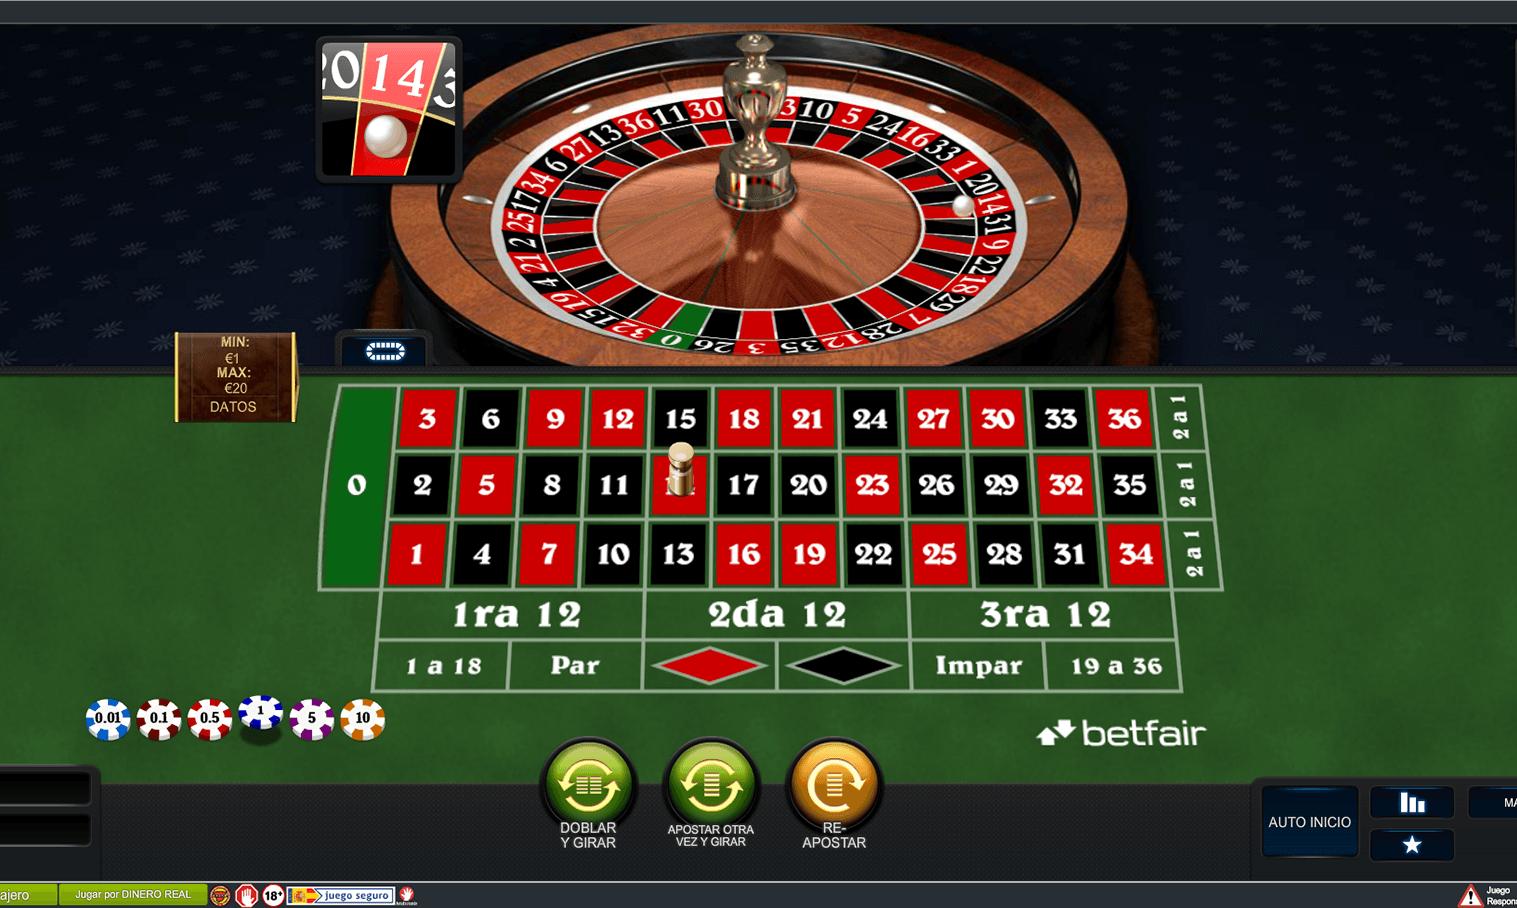 Juego de casino el zorro en español - 4876